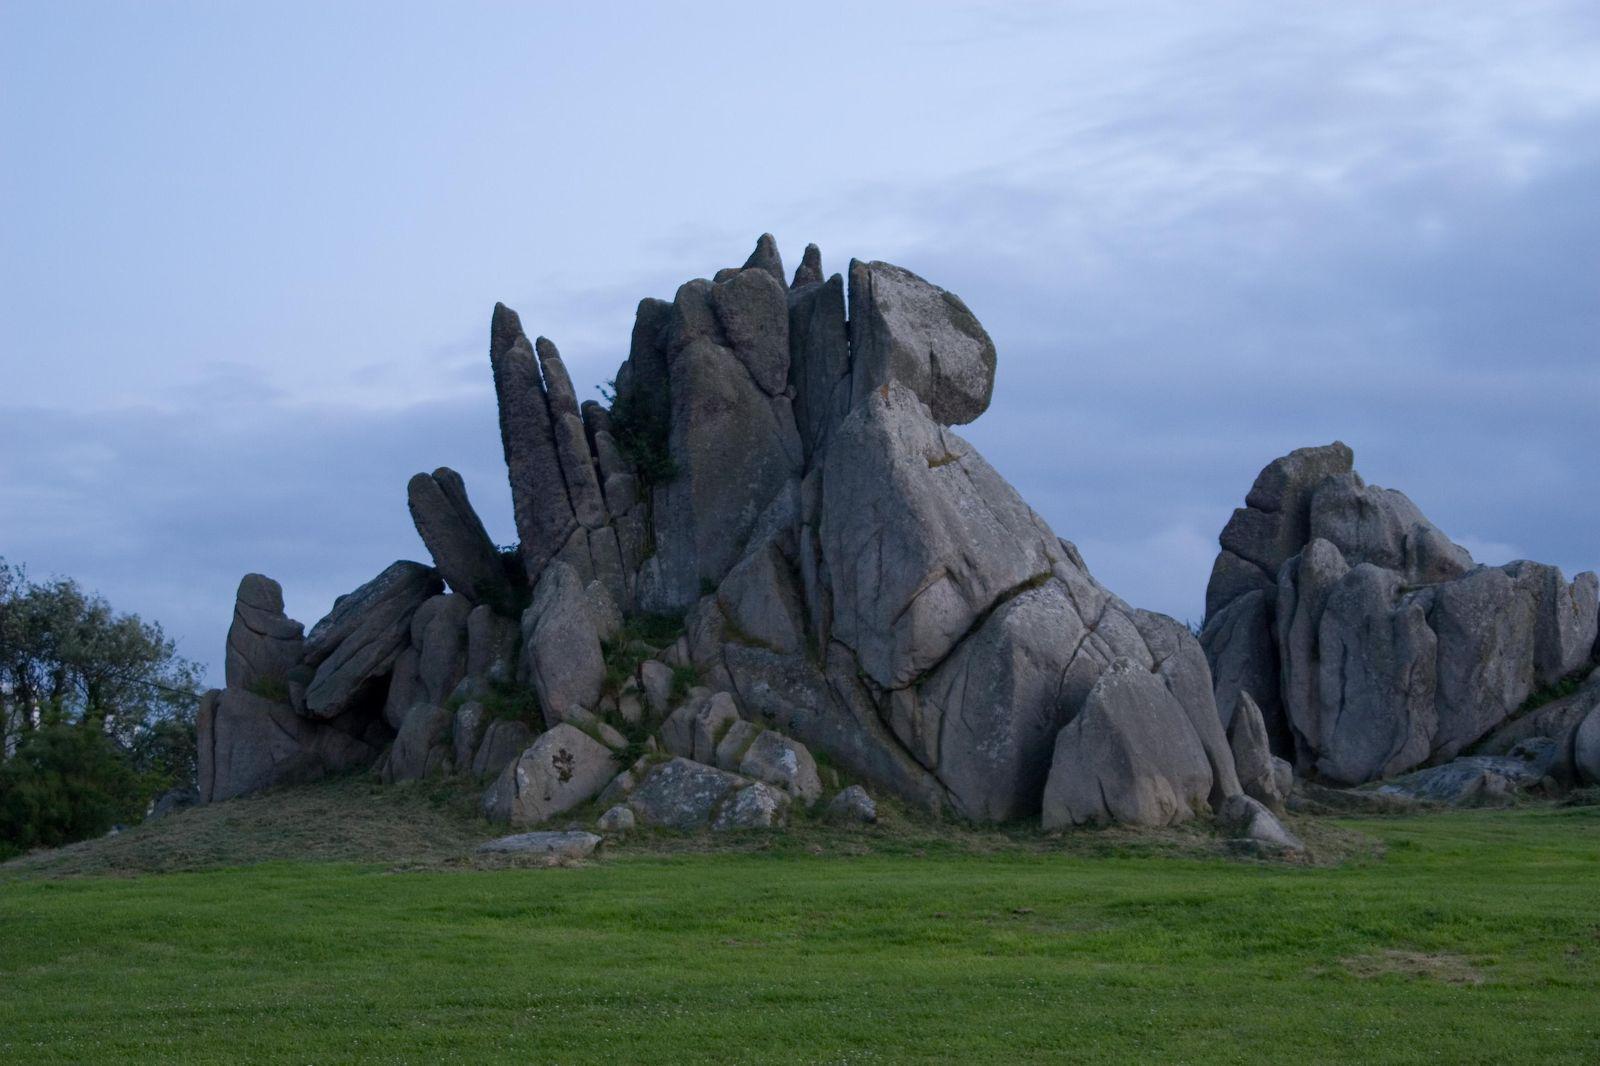 Image : Office de Tourisme* de Guissény